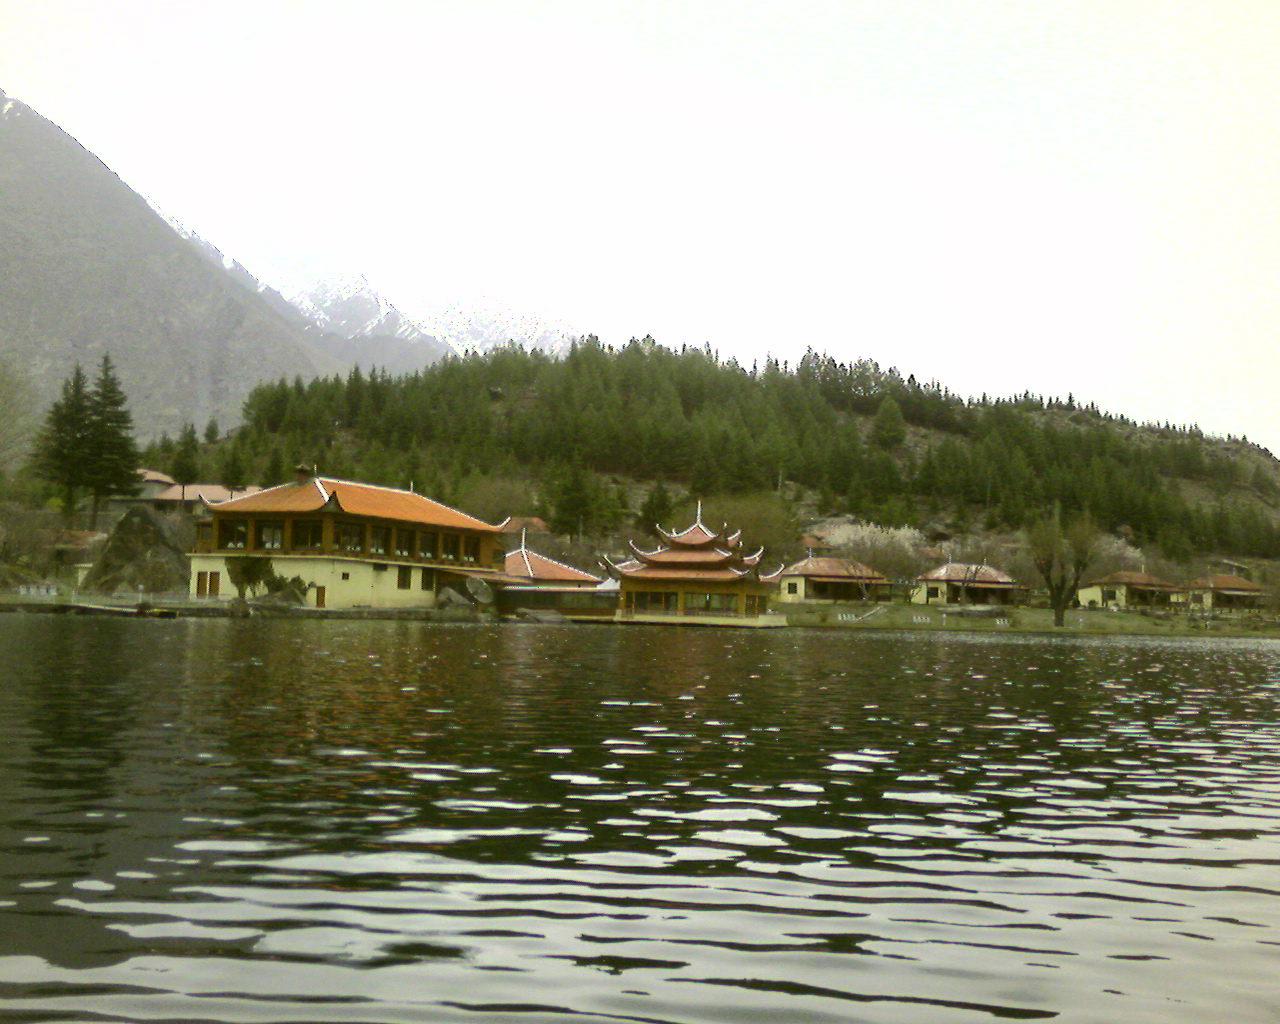 Shangrila Resort in Summers